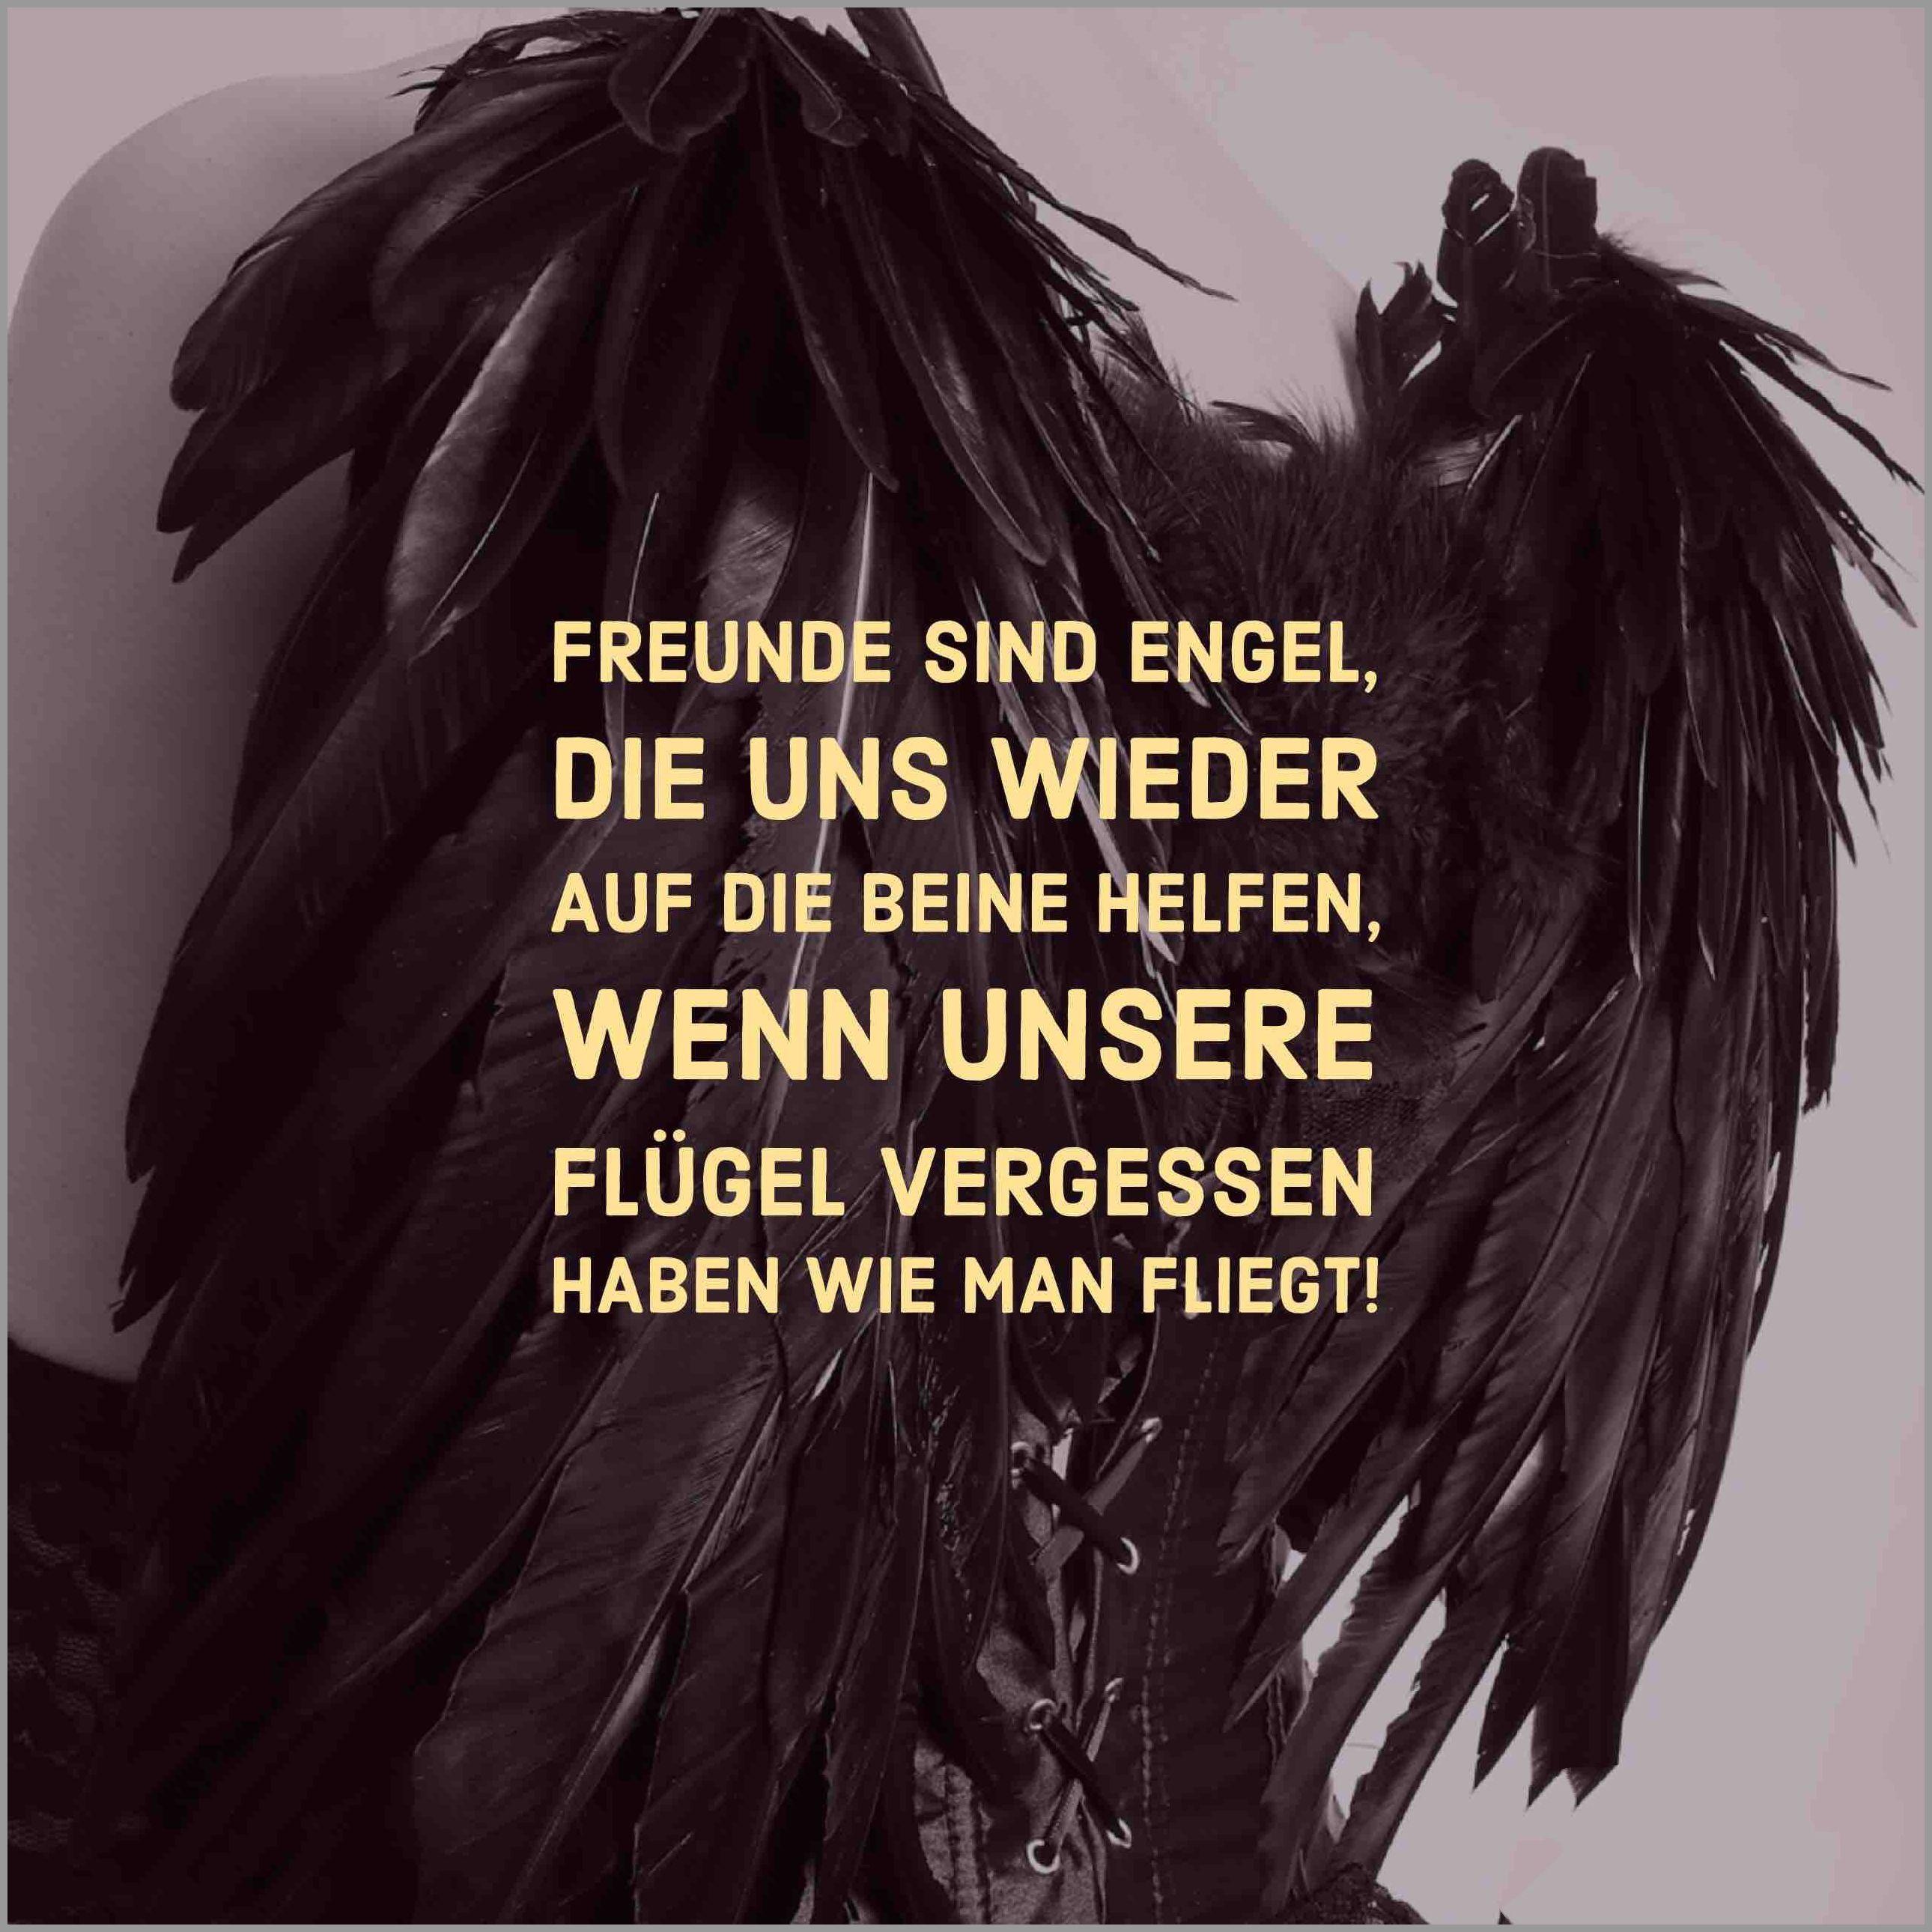 Freunde sind engel die uns wieder auf die beine helfen wenn unsere fluegel vergessen haben wie man fliegt - Freunde sind engel die uns wieder auf die beine helfen wenn unsere fluegel vergessen haben wie man fliegt